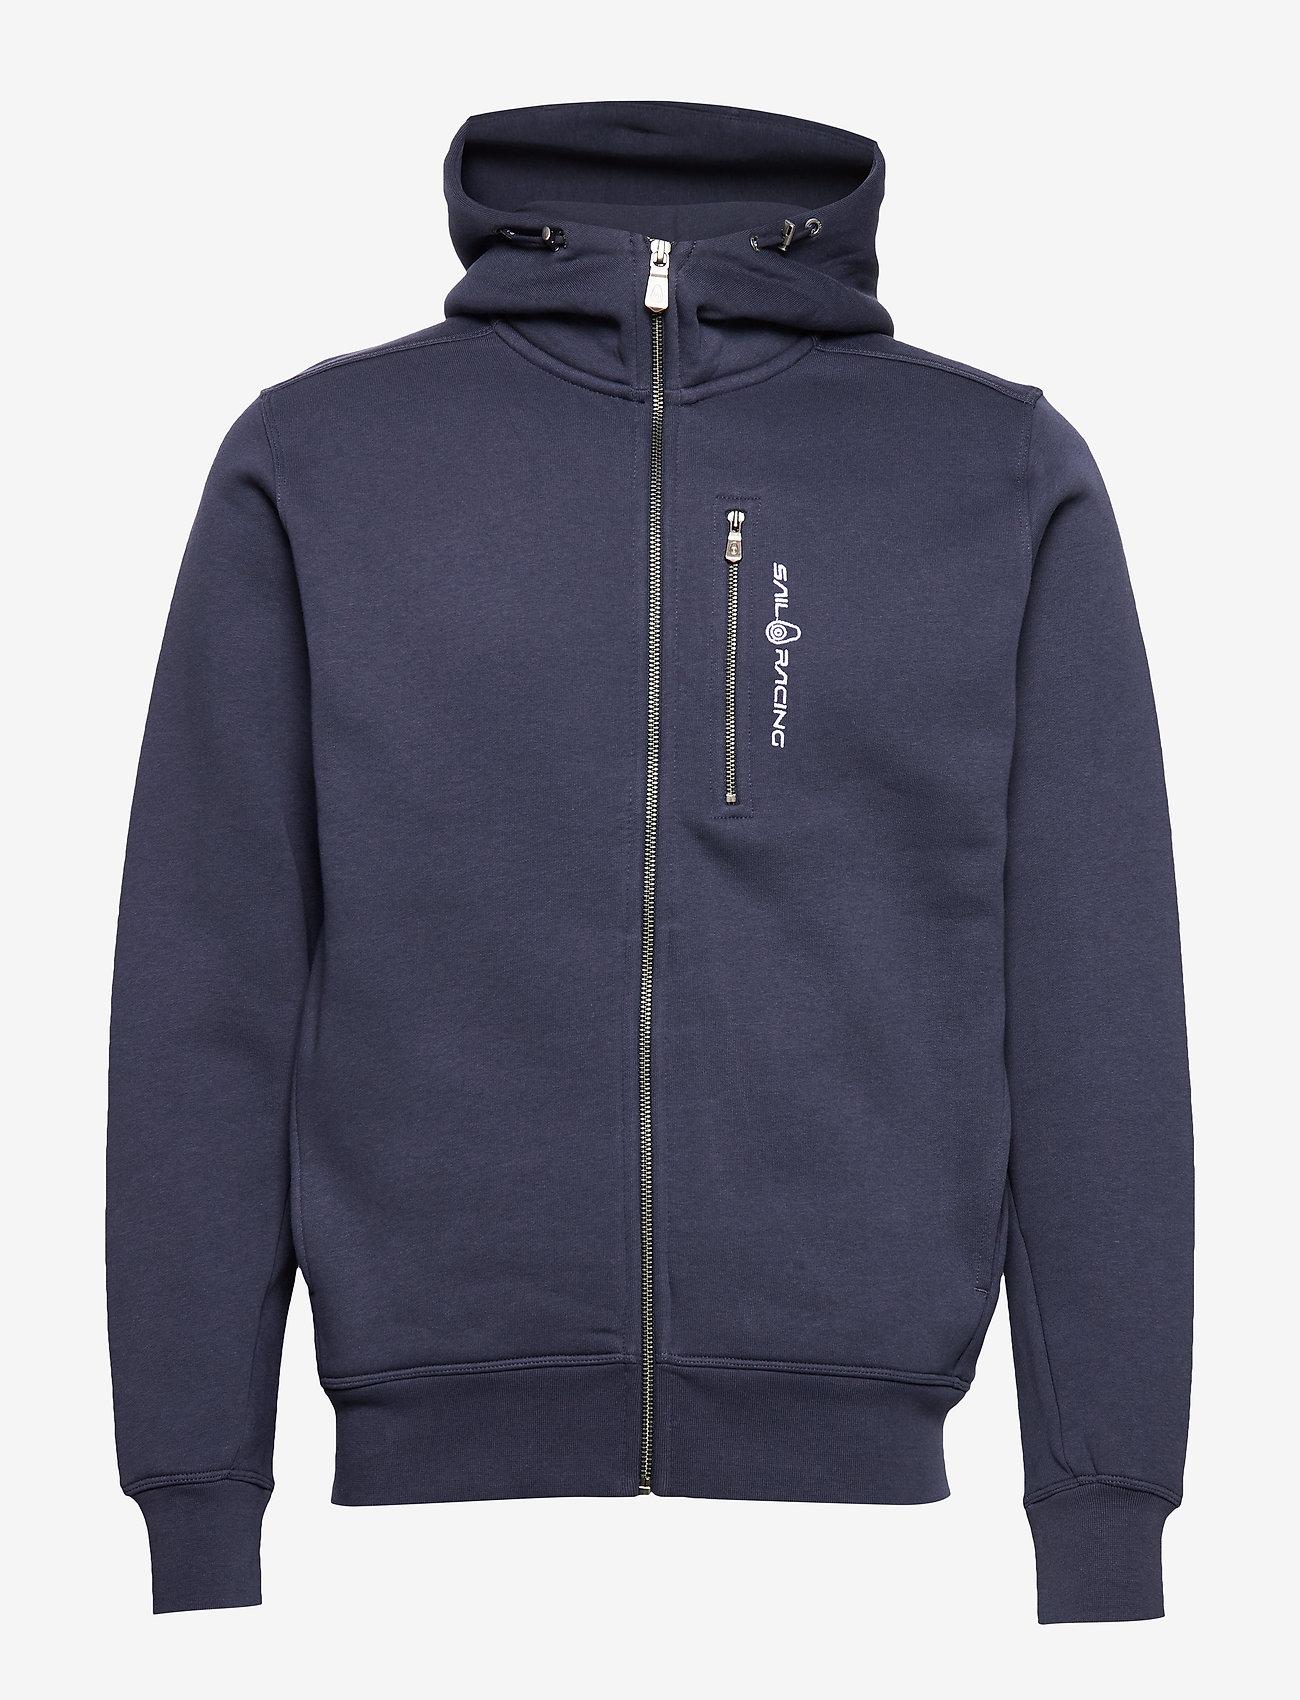 Sail Racing - BOWMAN ZIP HOOD - hoodies - navy - 0